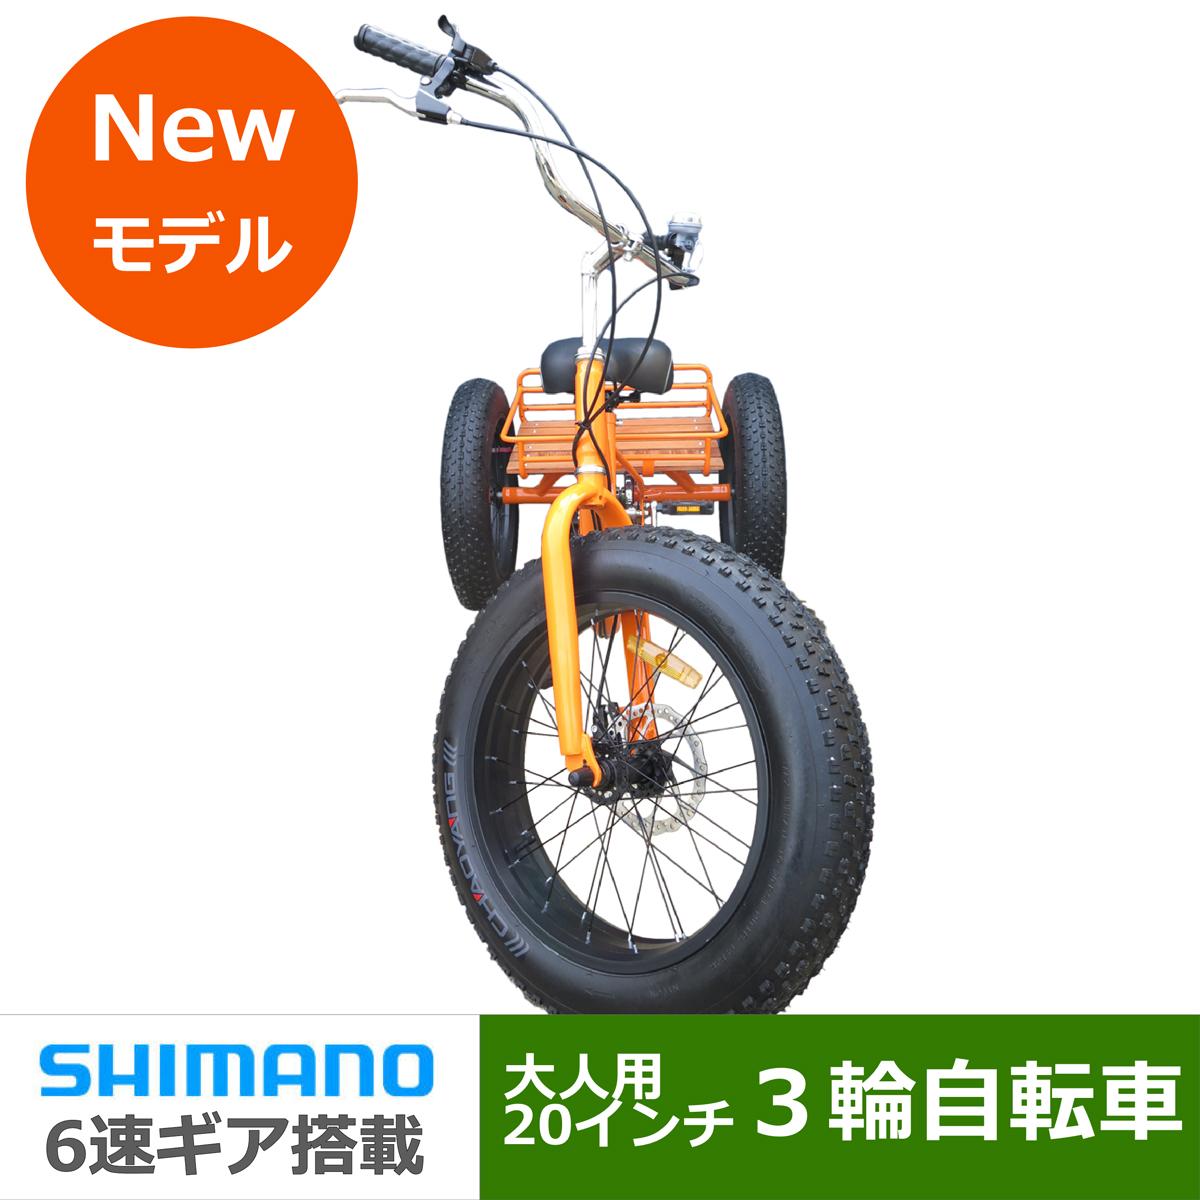 自転車 三輪 20インチ オレンジ 組み立て式 三輪自転車 大人用三輪車